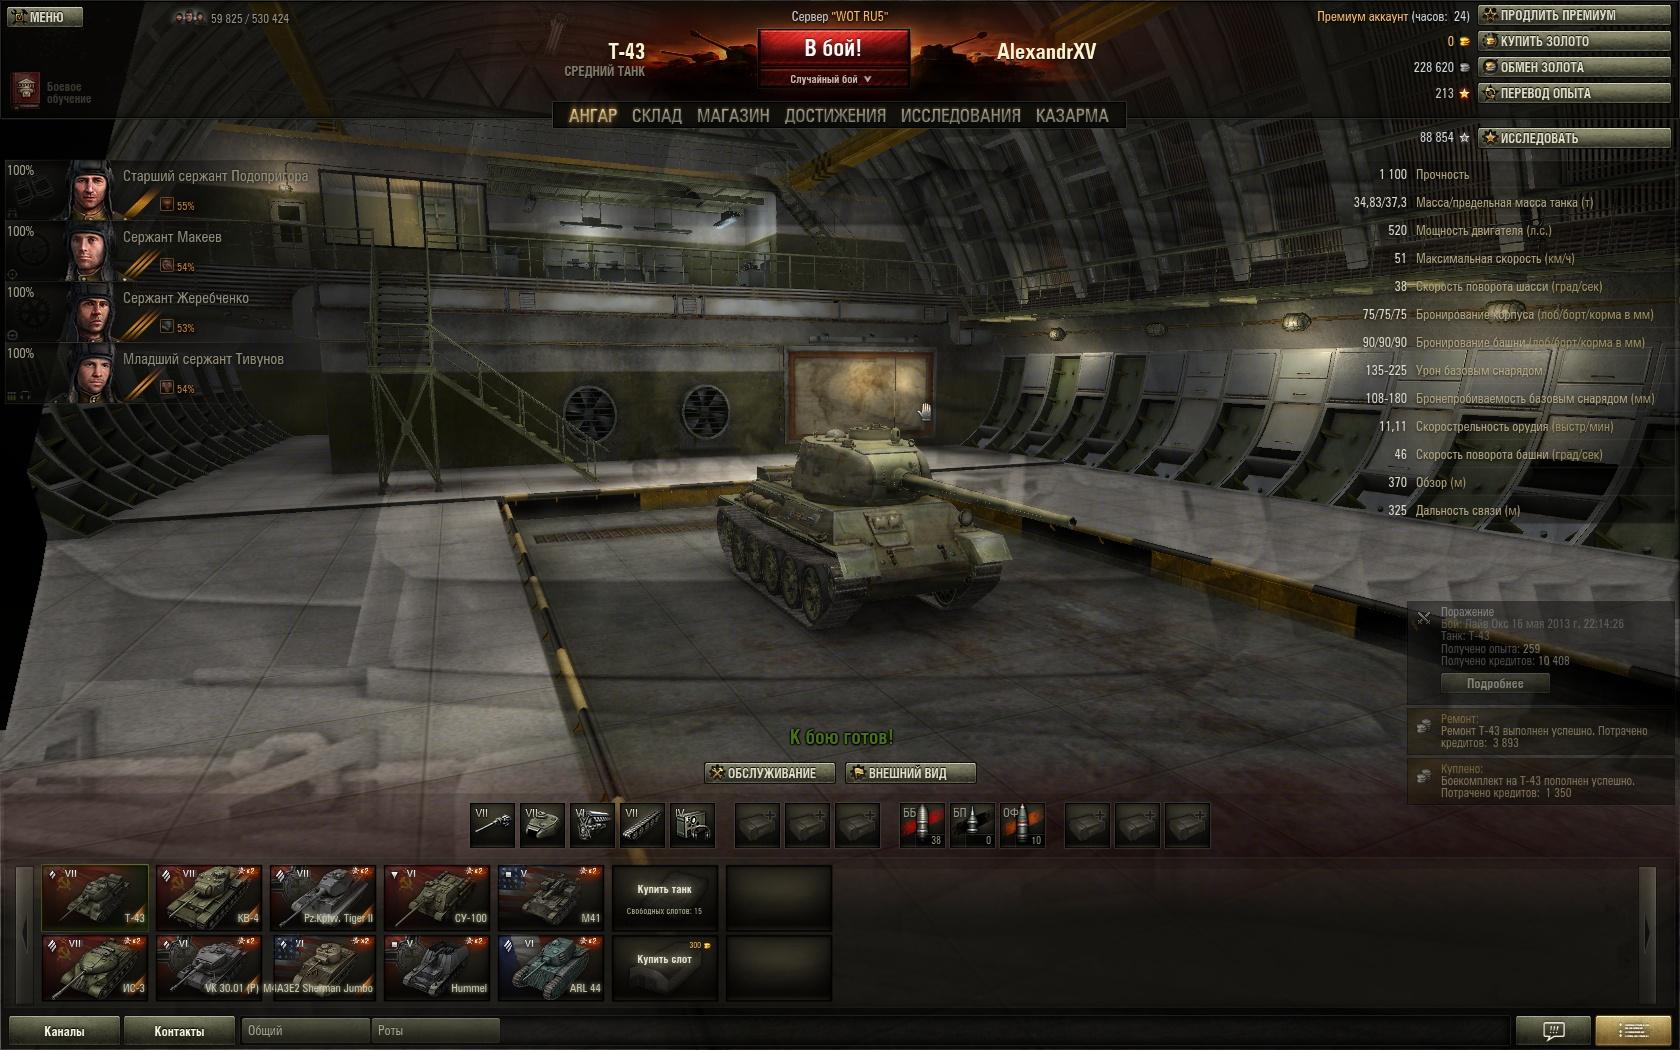 Обновление клиентского приложения world of tanks скачать